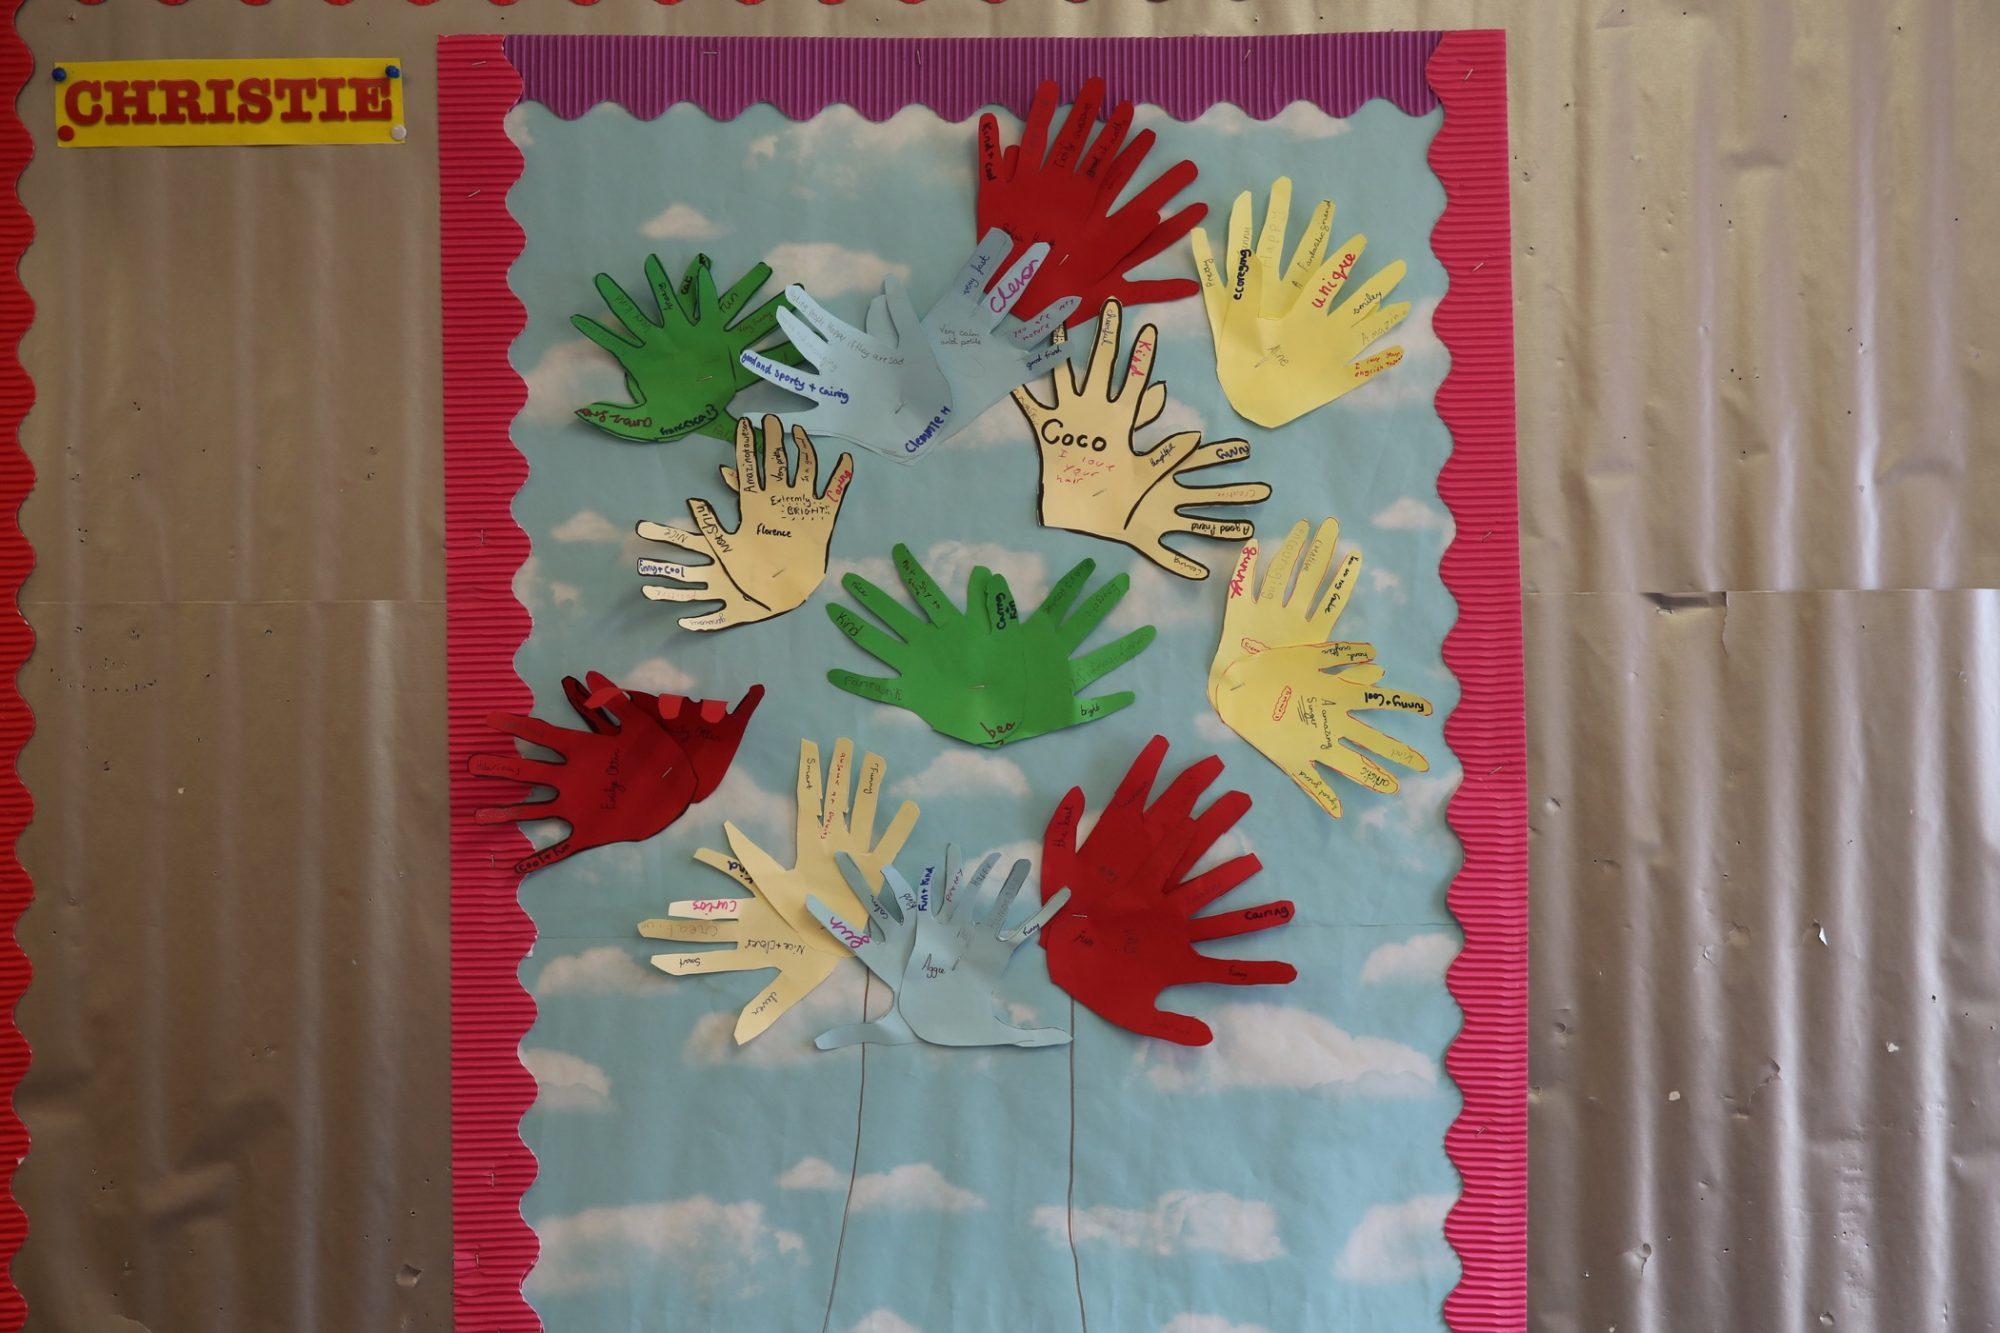 Hanford School-Hanford Well-being days 2